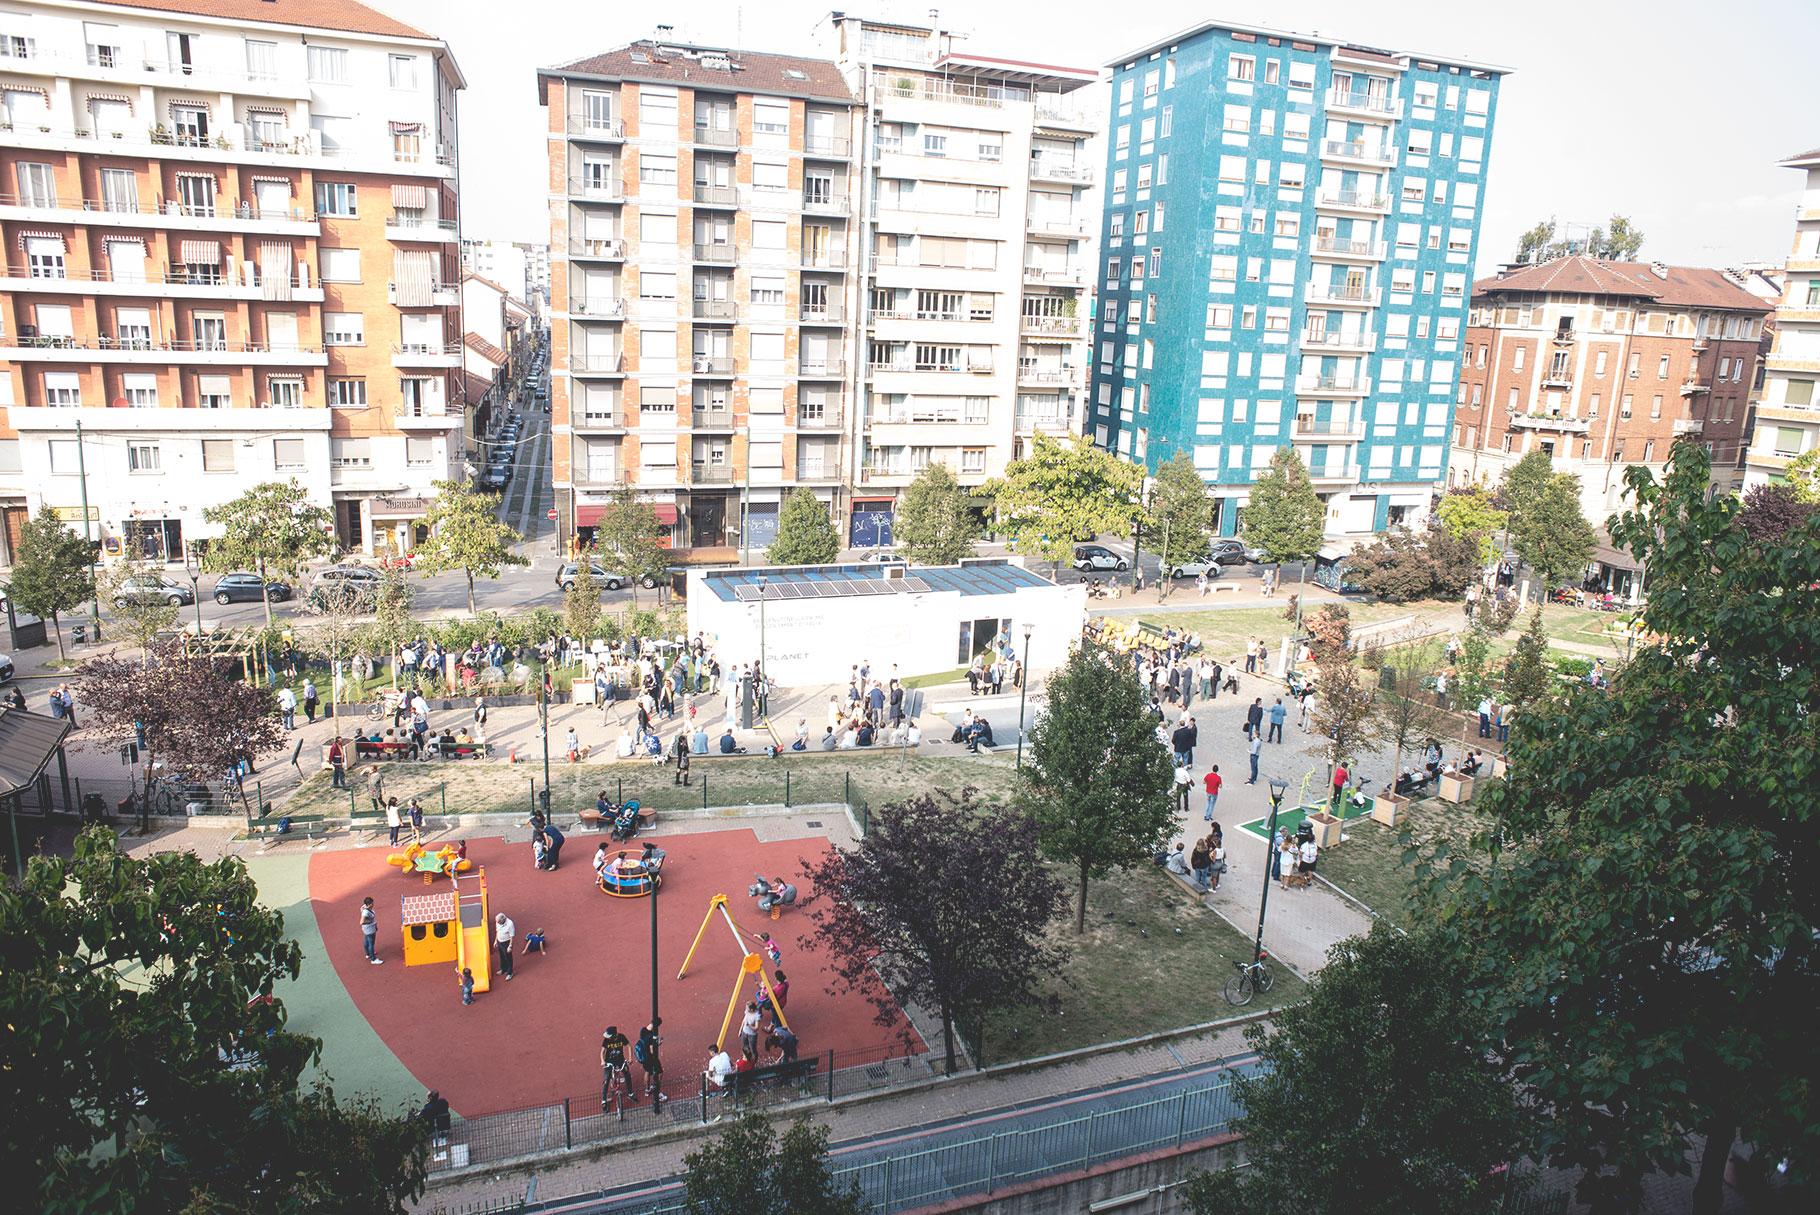 Piazza Resorgimento, em Torino, na Itália: qualidade de vida com espaços de lazer e área verde. Foto: divulgação